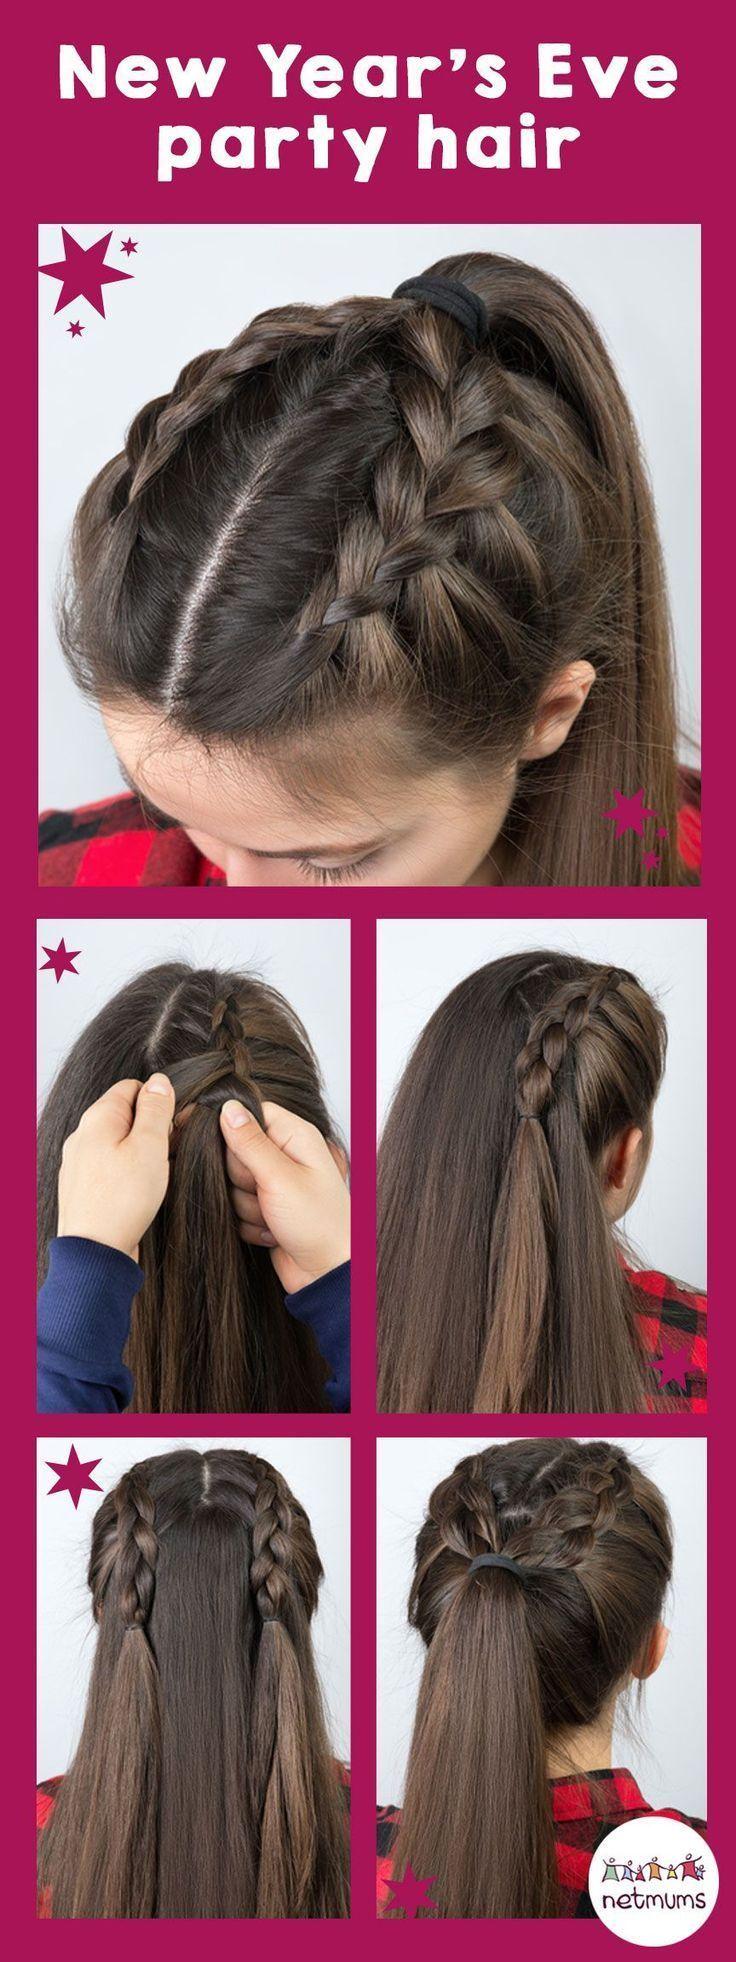 Silvester Haar Ideen. Wenn Sie nach Haarideen für das neue Jahr suchen